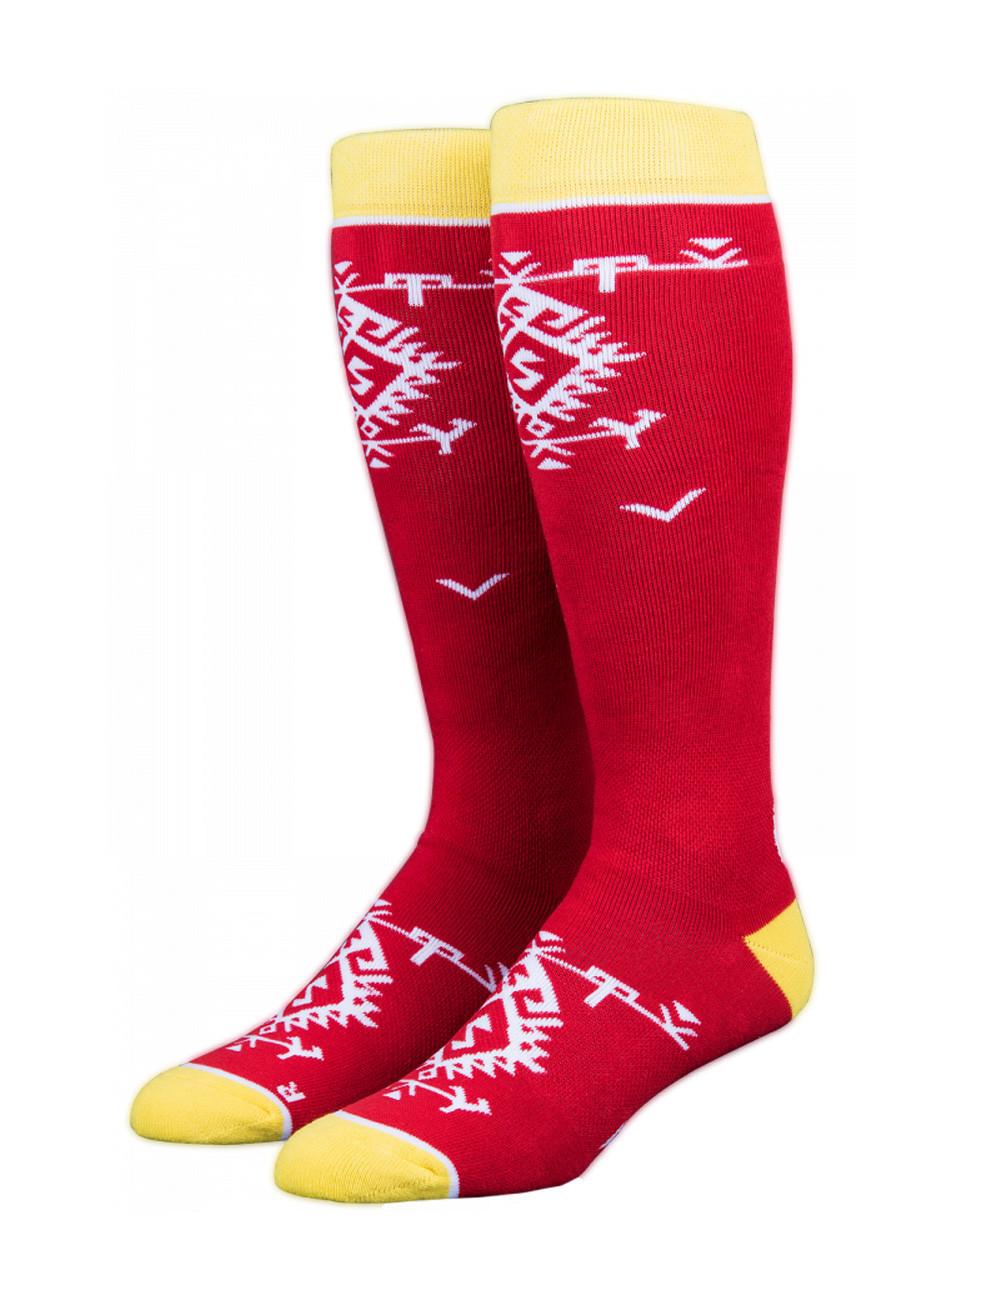 Skarpety Stinky Socks Red Kitka